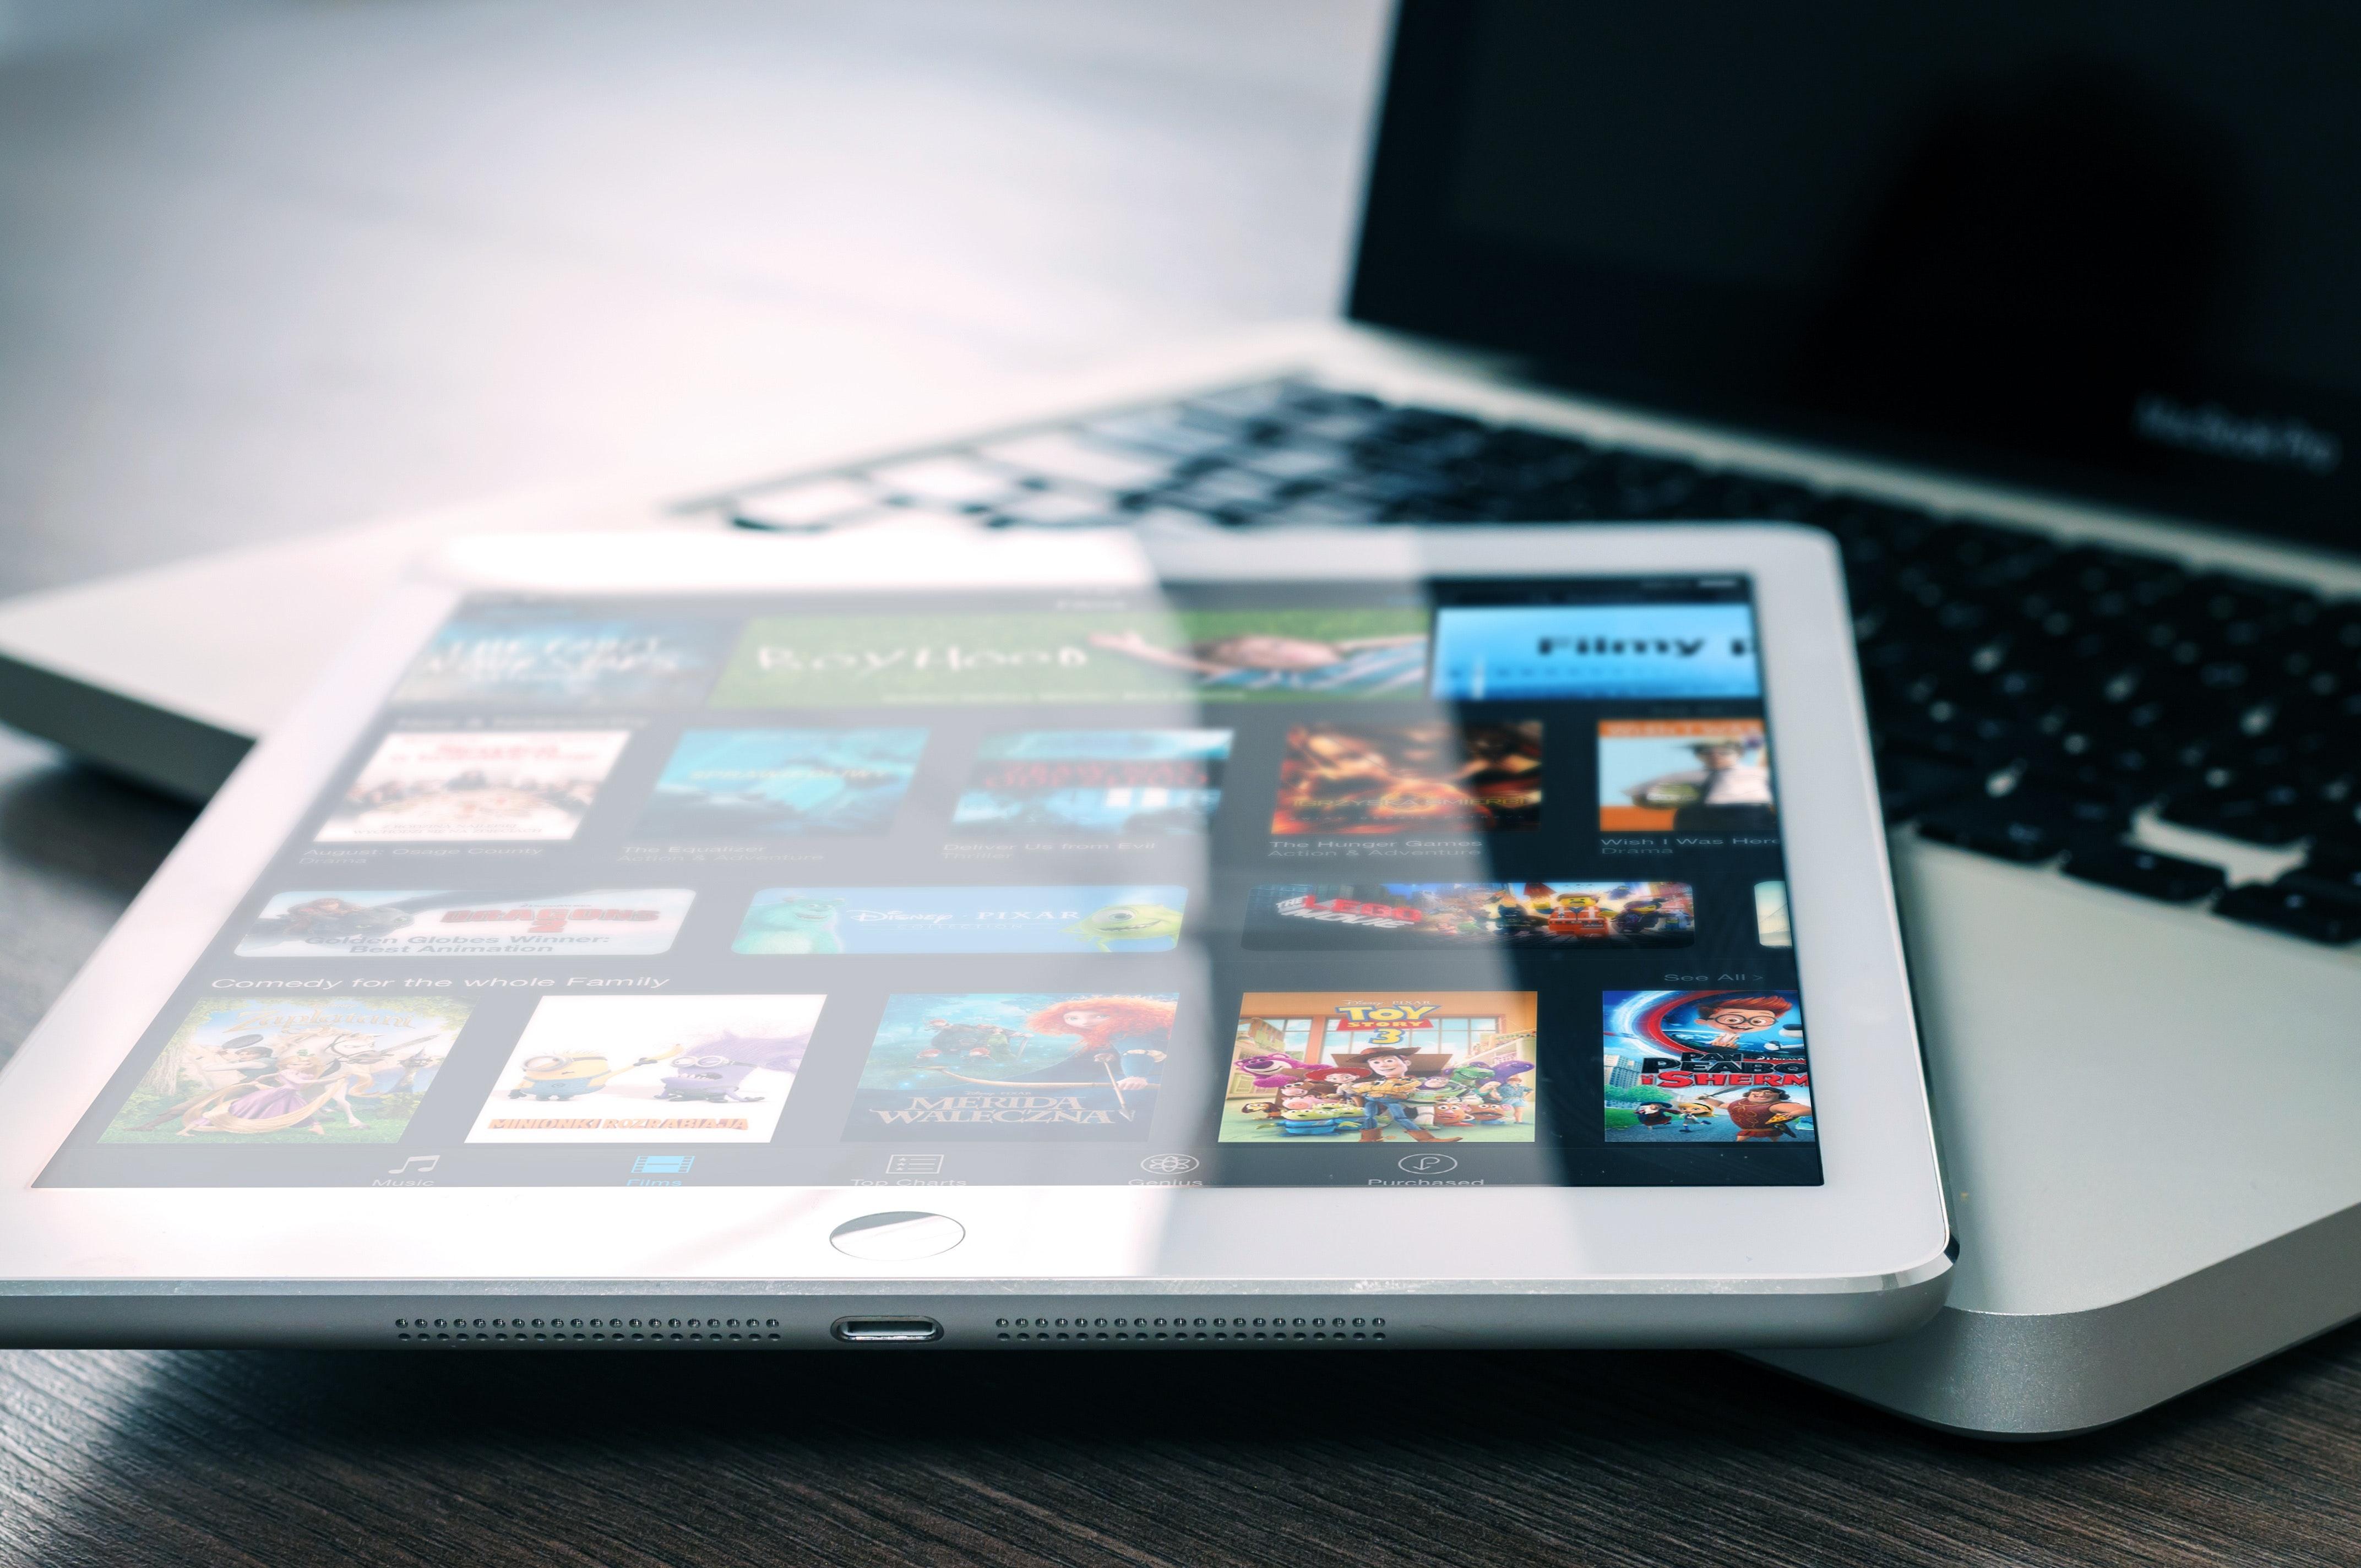 apps-ipad-2